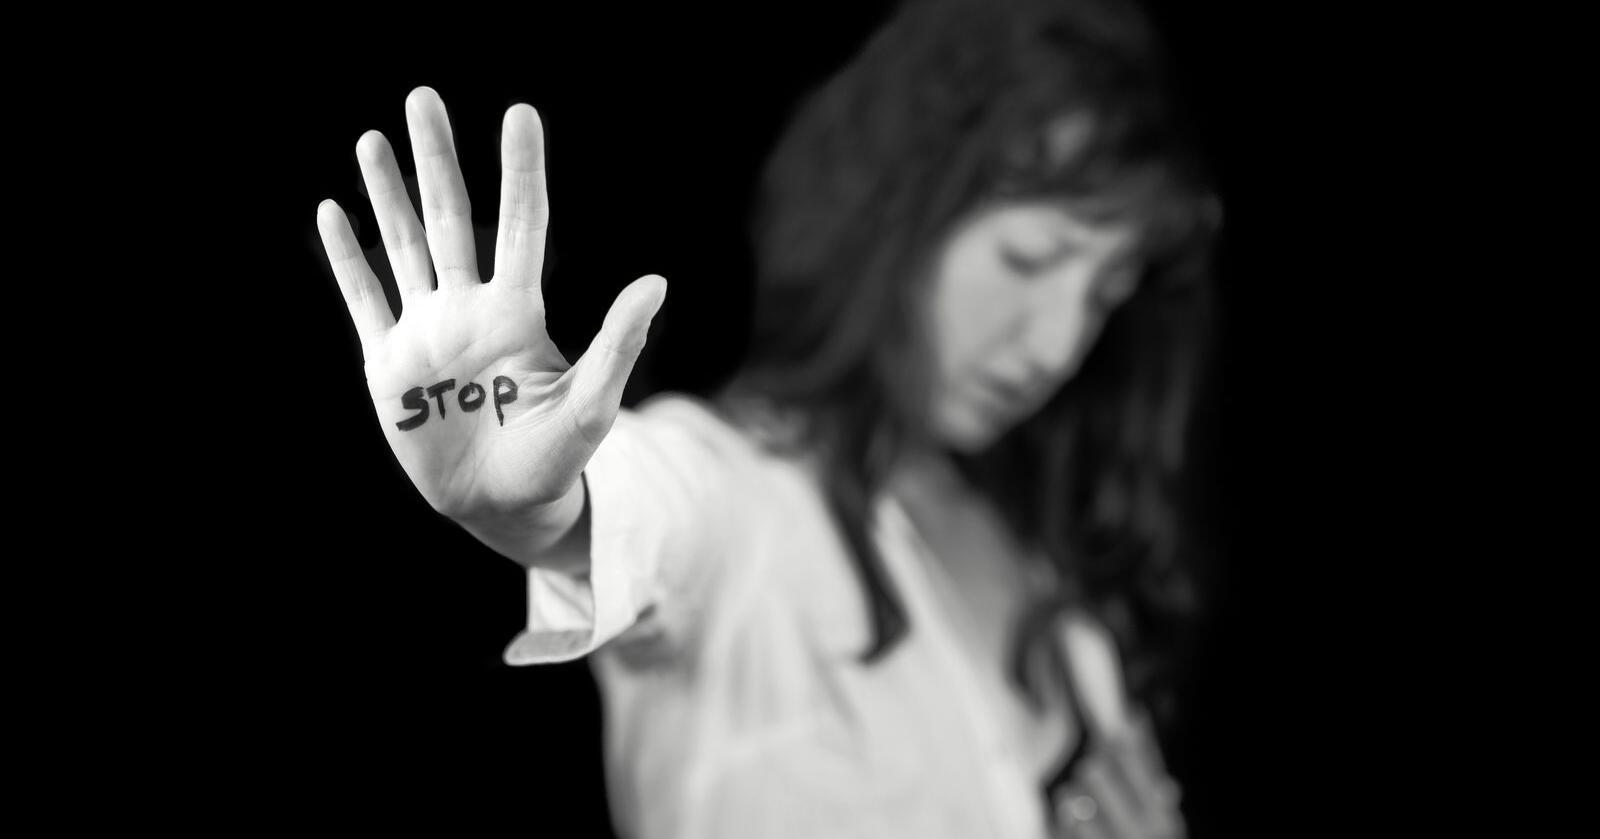 Vold: Vold blir tåkelagt både i privat og offentlig sfære, i fred og ikke minst i krig. Foto: Michelangelo Oprandi / Mostphotos